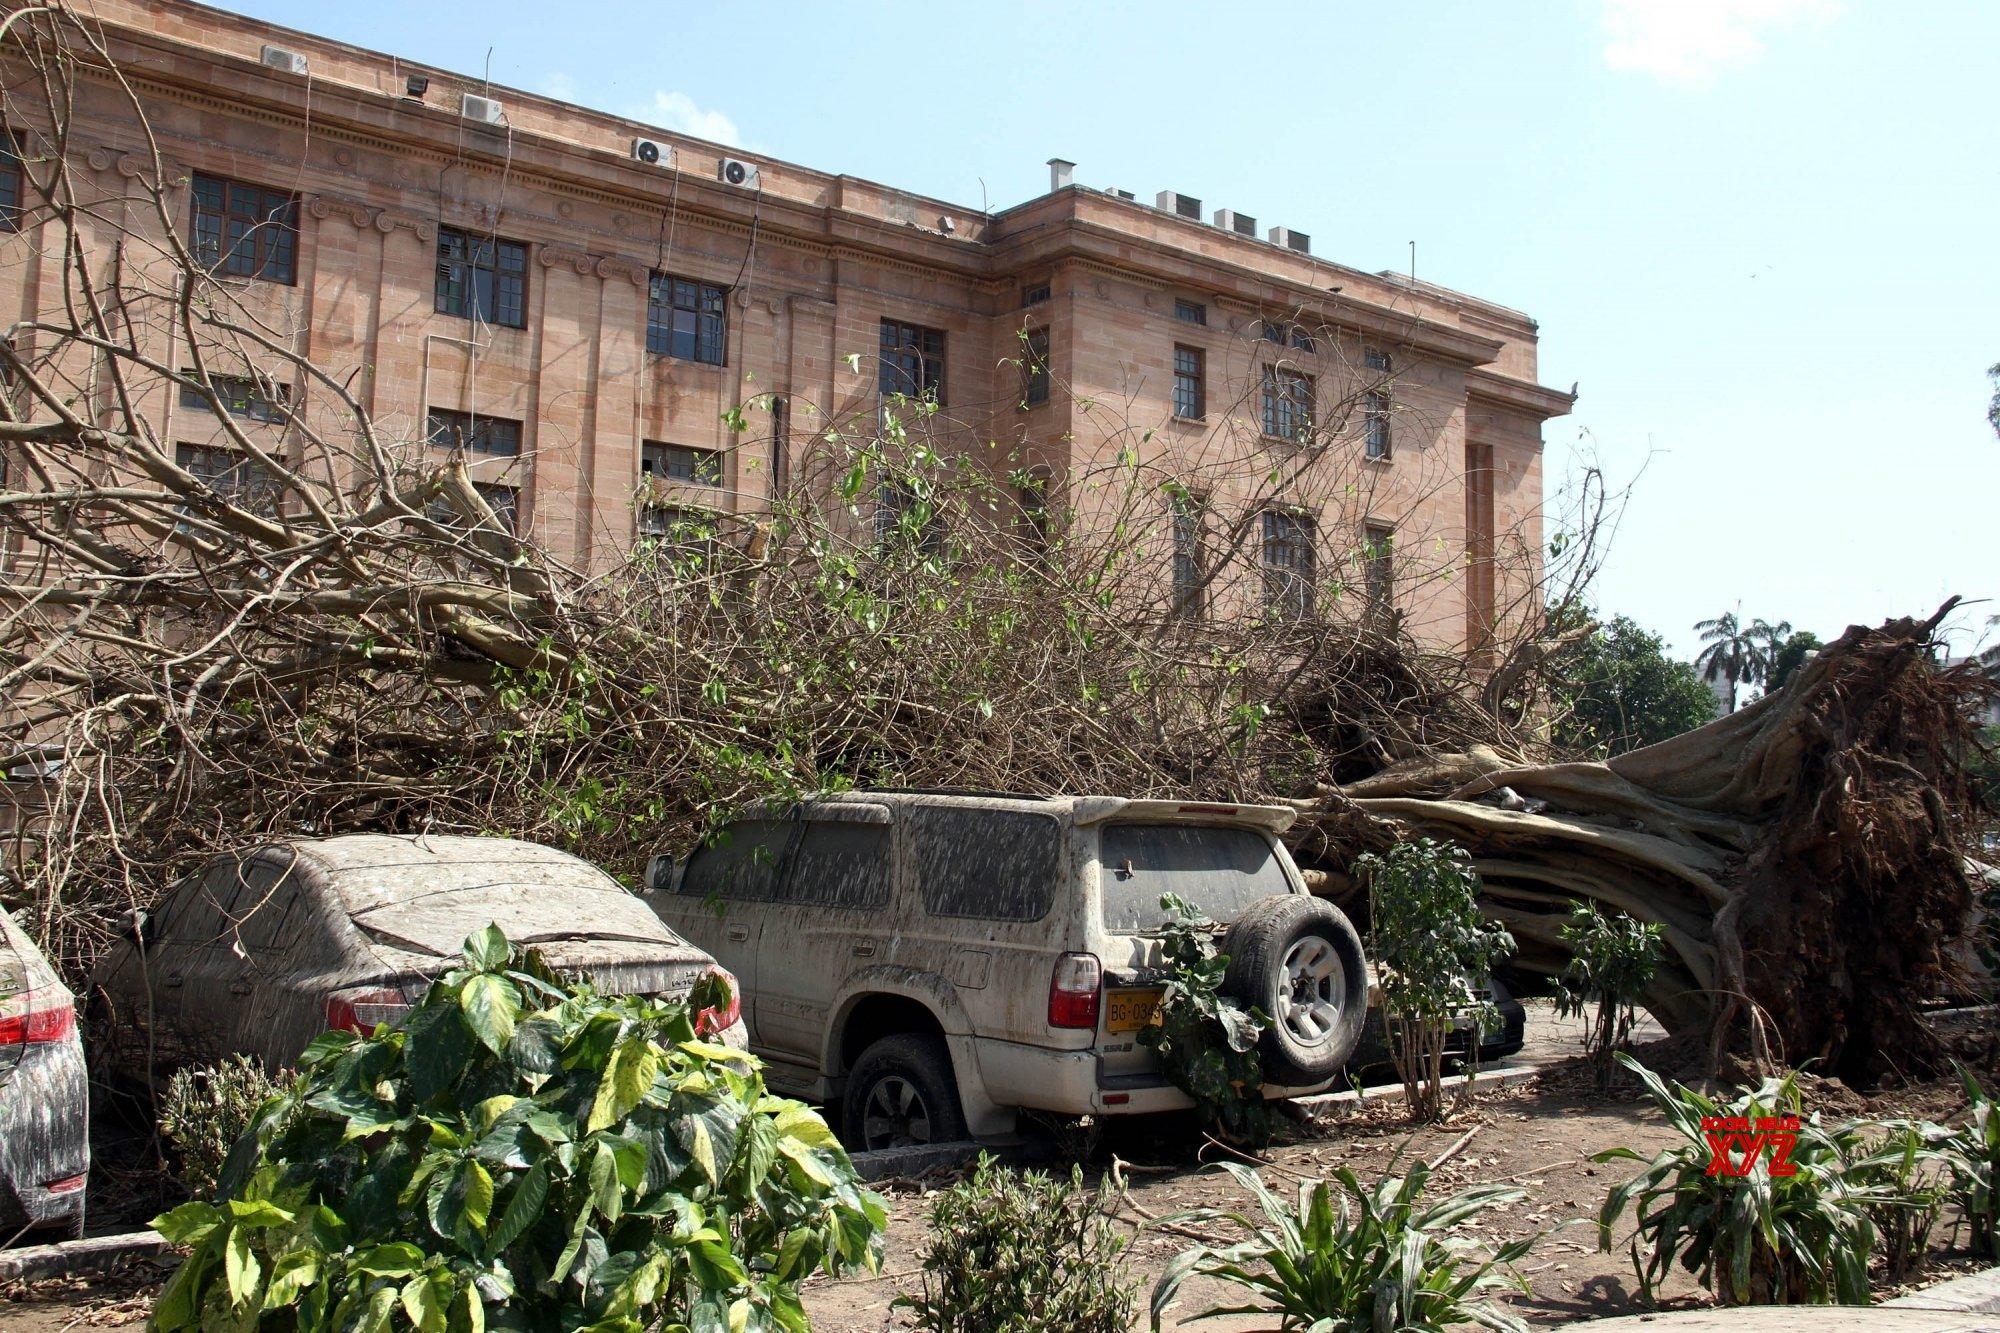 26 die as torrential rains, windstorm lash Pakistan